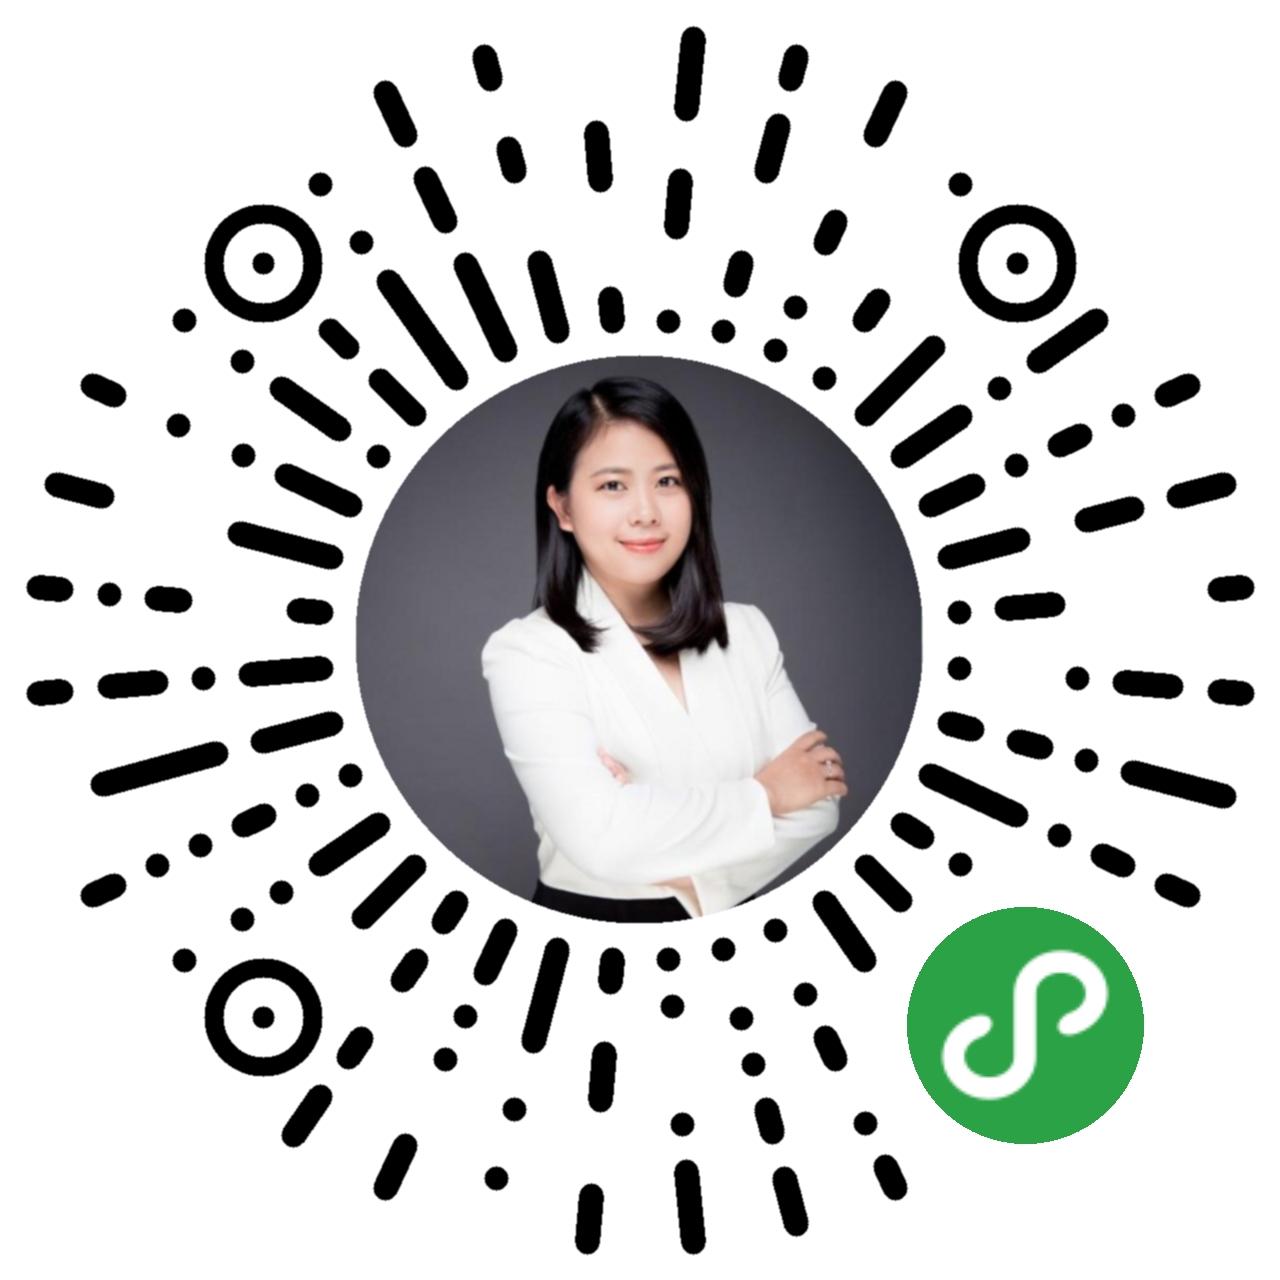 广东律师肖桂娥二维码